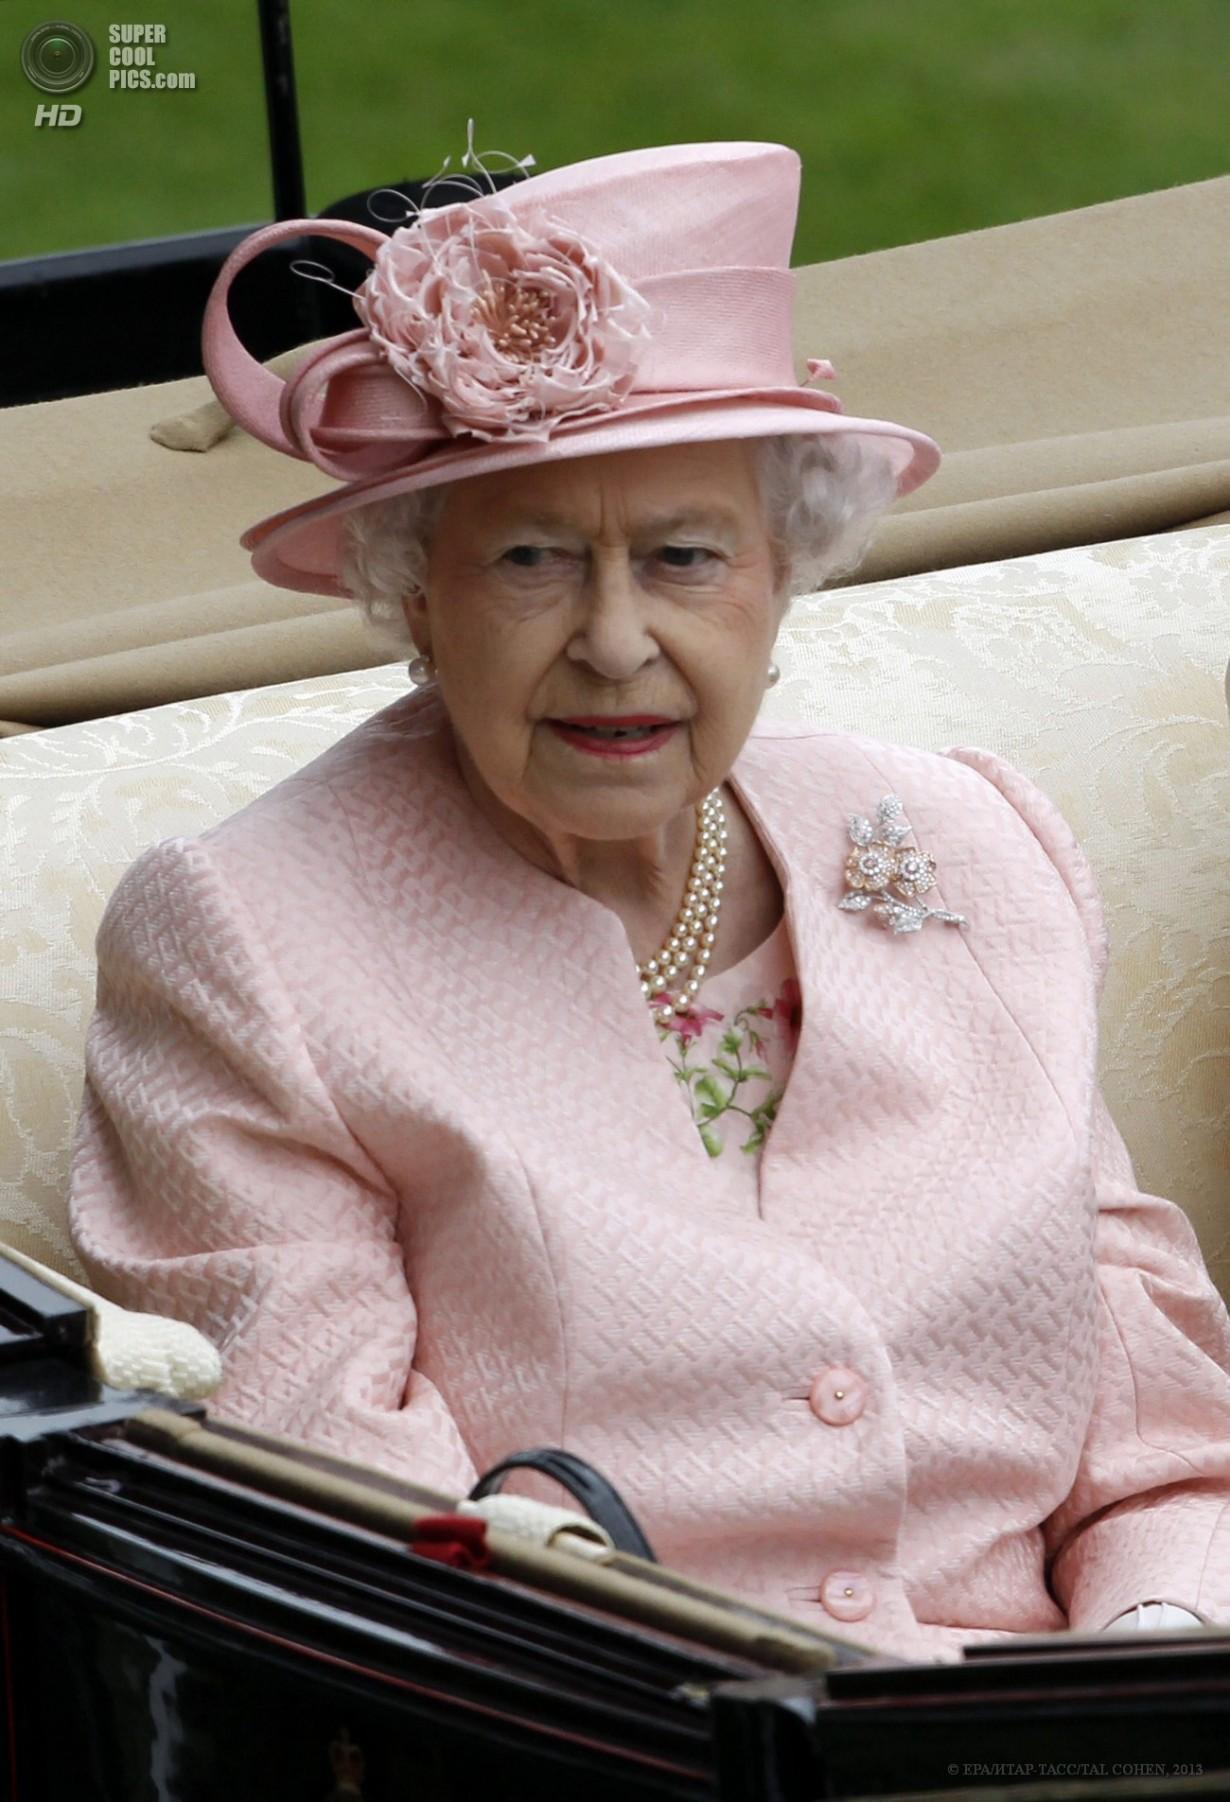 Открытие скачек Royal Ascot (18 фото)